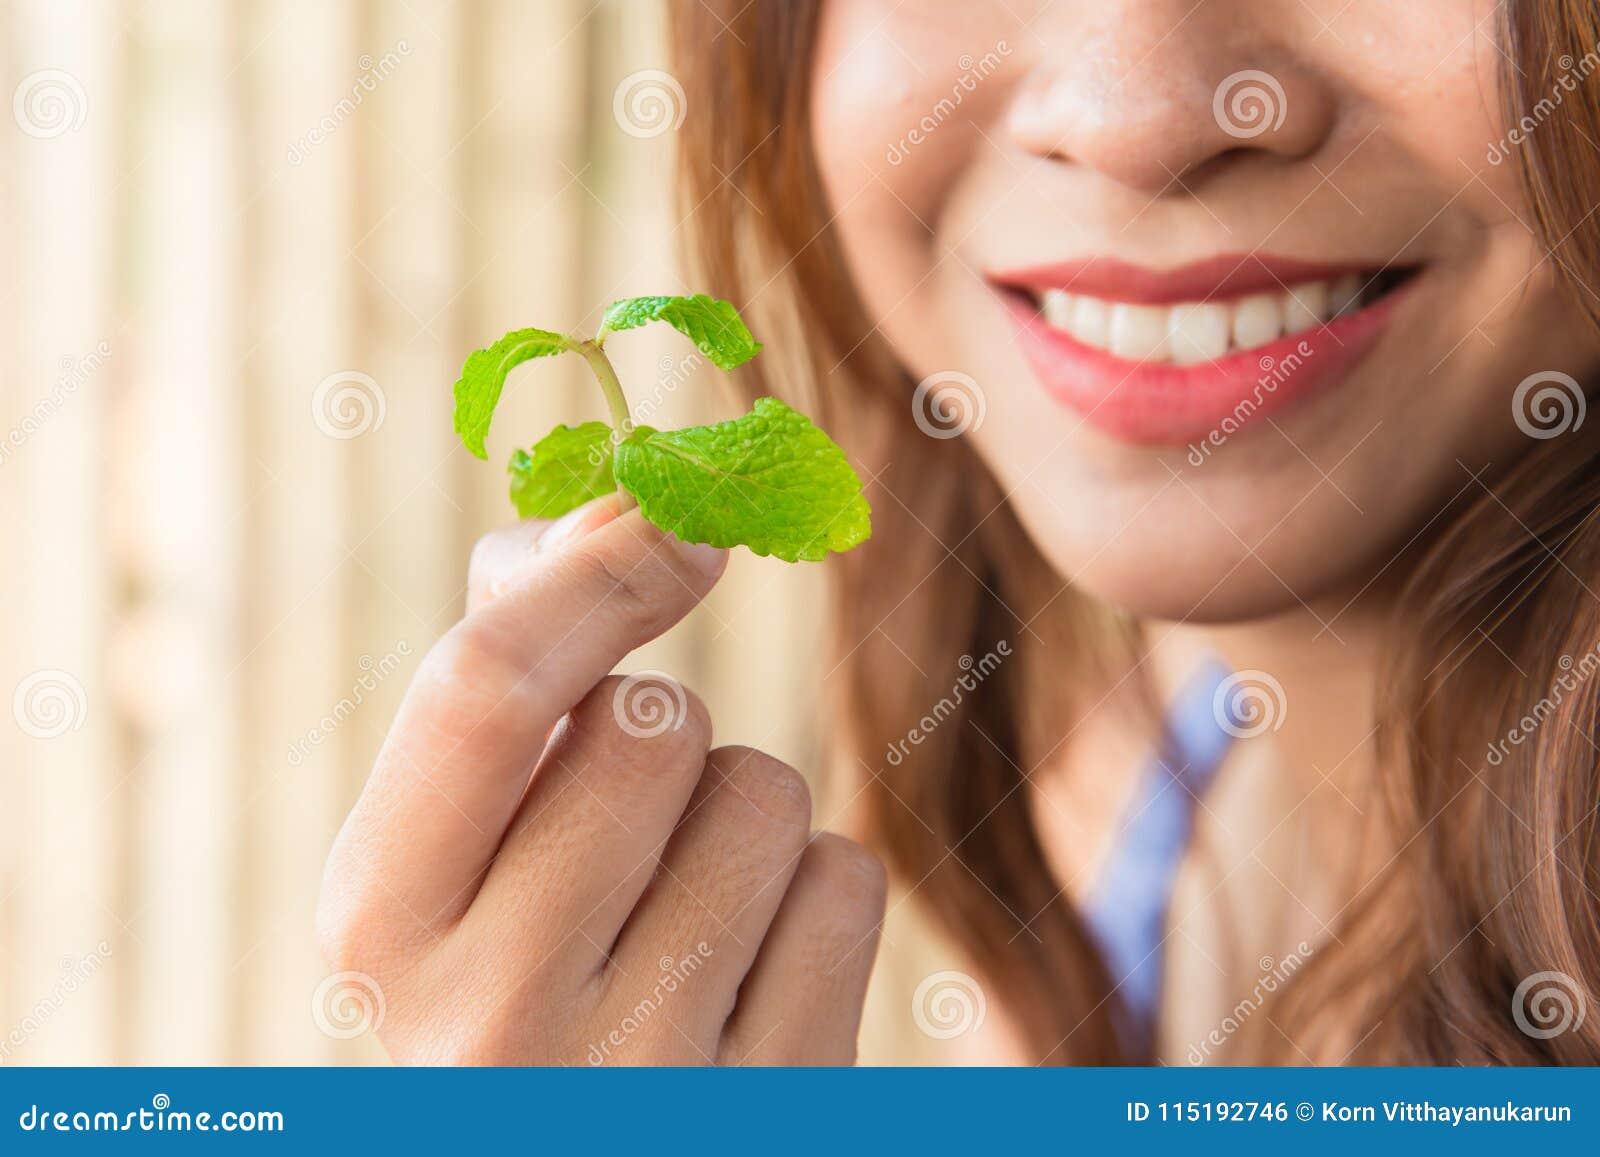 Essen von tadellosen Blättern für guten zahnmedizinischen neuen Atem